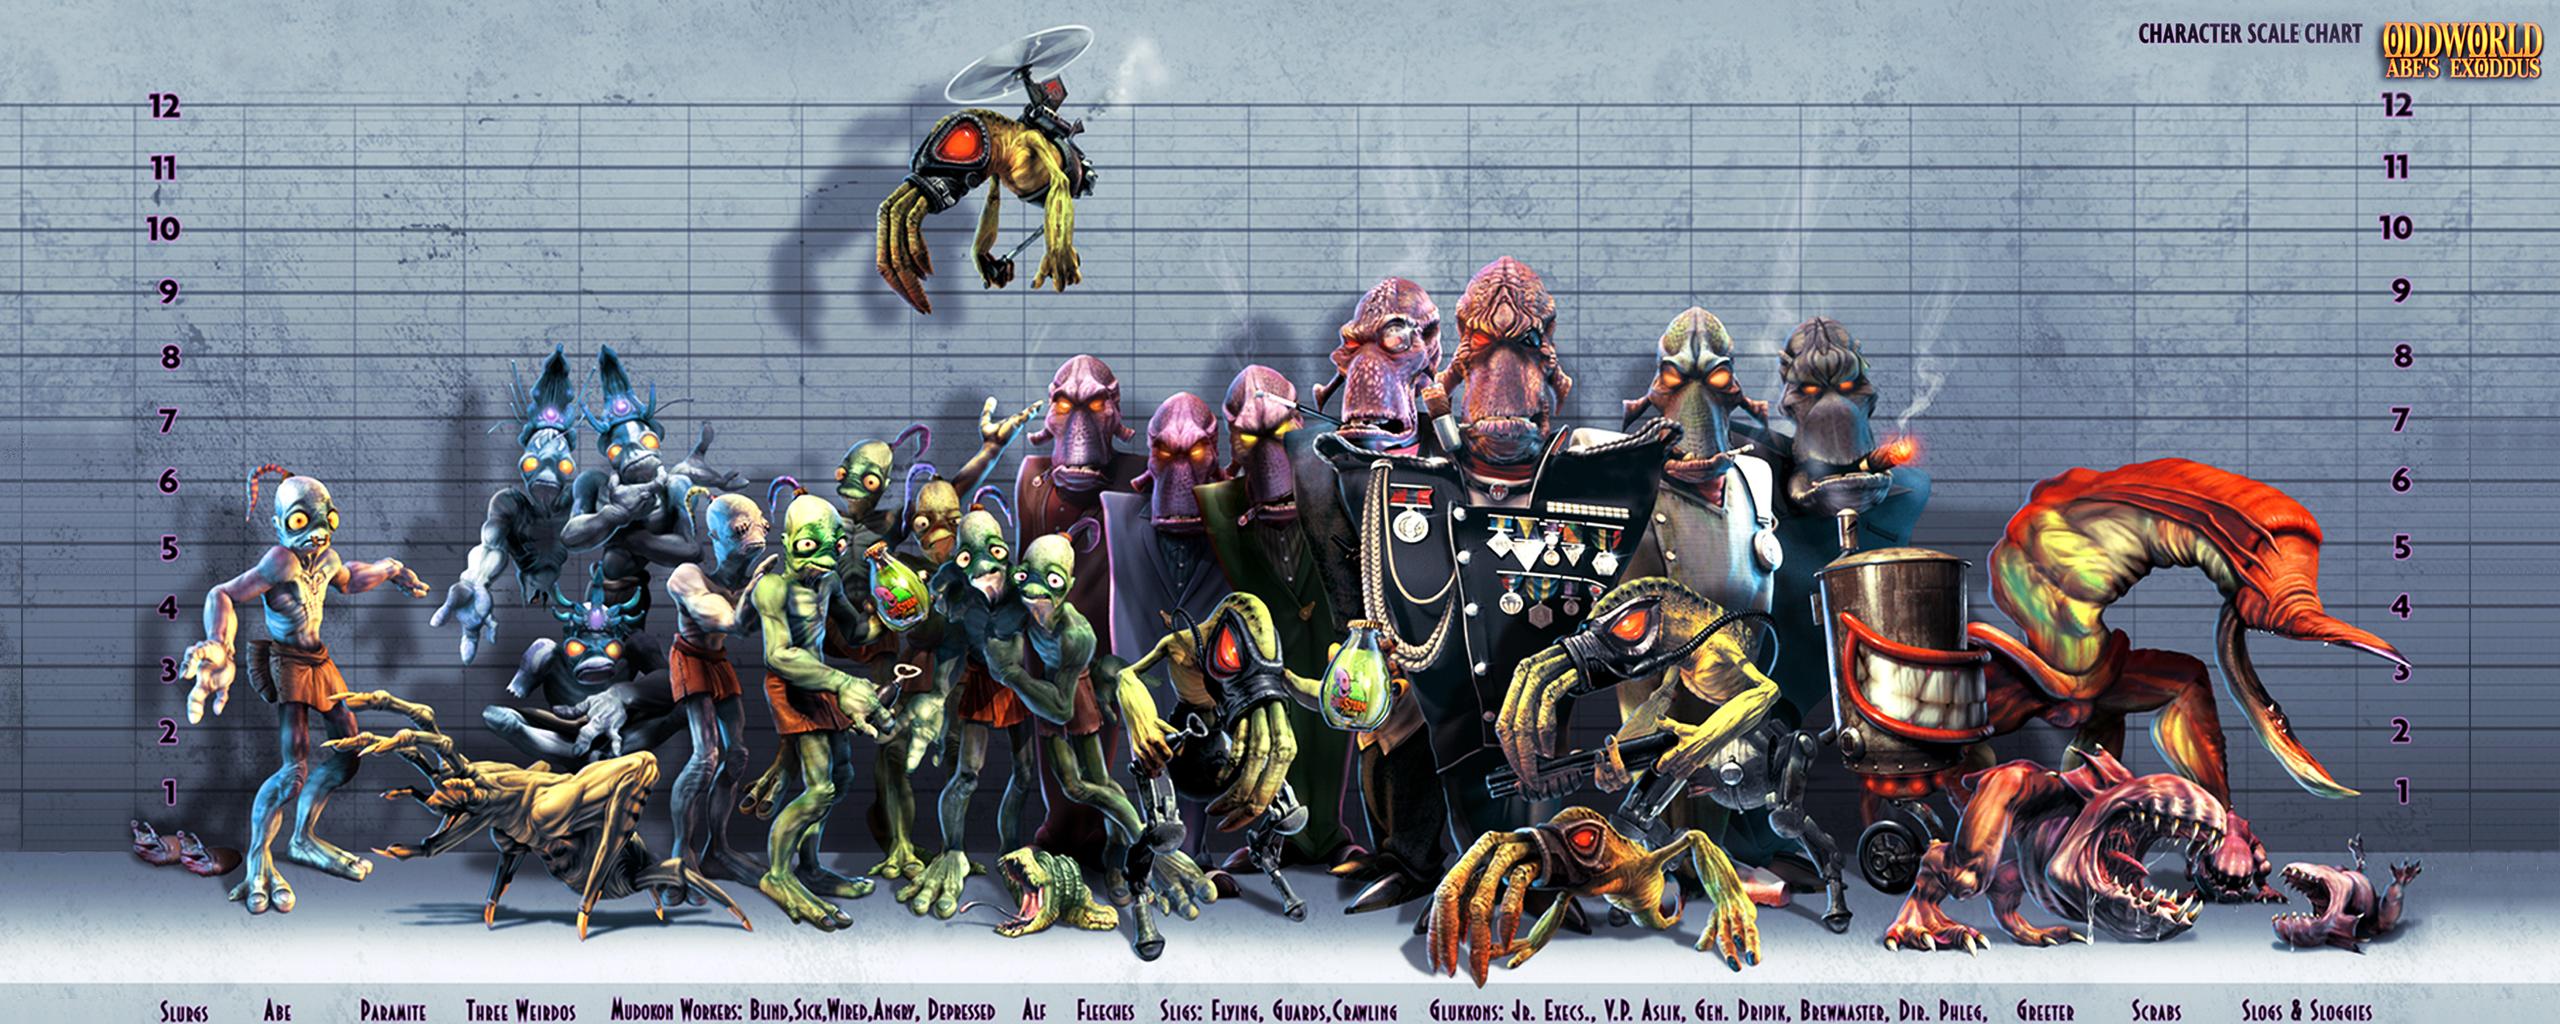 http://fc03.deviantart.net/fs70/f/2010/354/d/2/oddworld_dual_screen_by_dekstyr-d359a2d.jpg